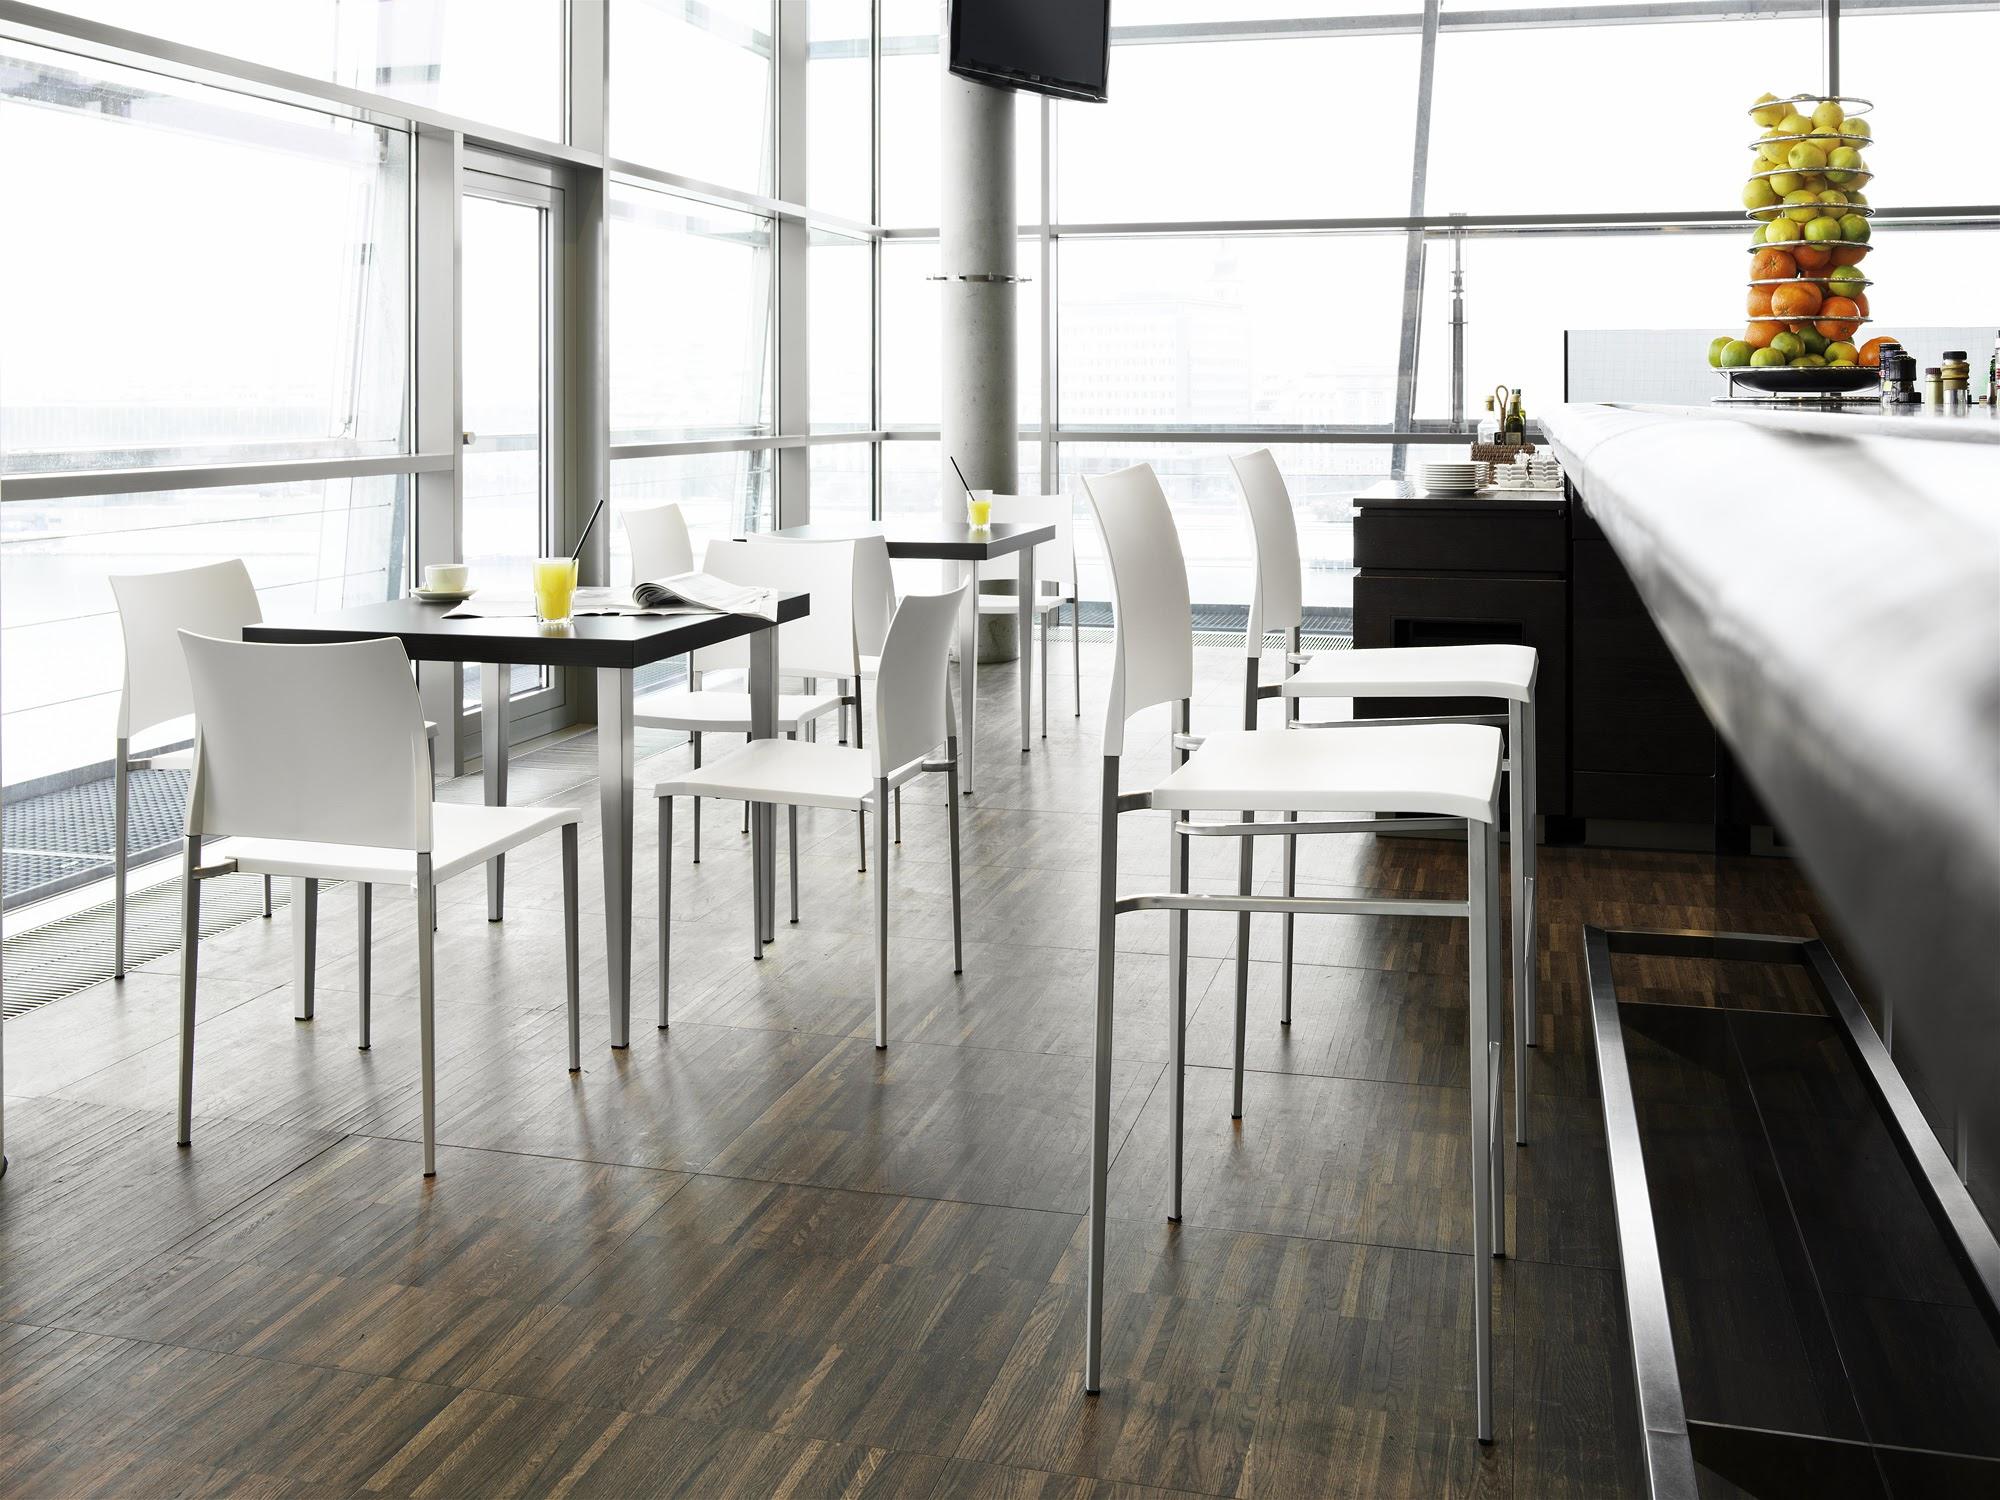 nowy styl da euro 2016 alla tecnologia 3d di dassault syst mes technofashion. Black Bedroom Furniture Sets. Home Design Ideas